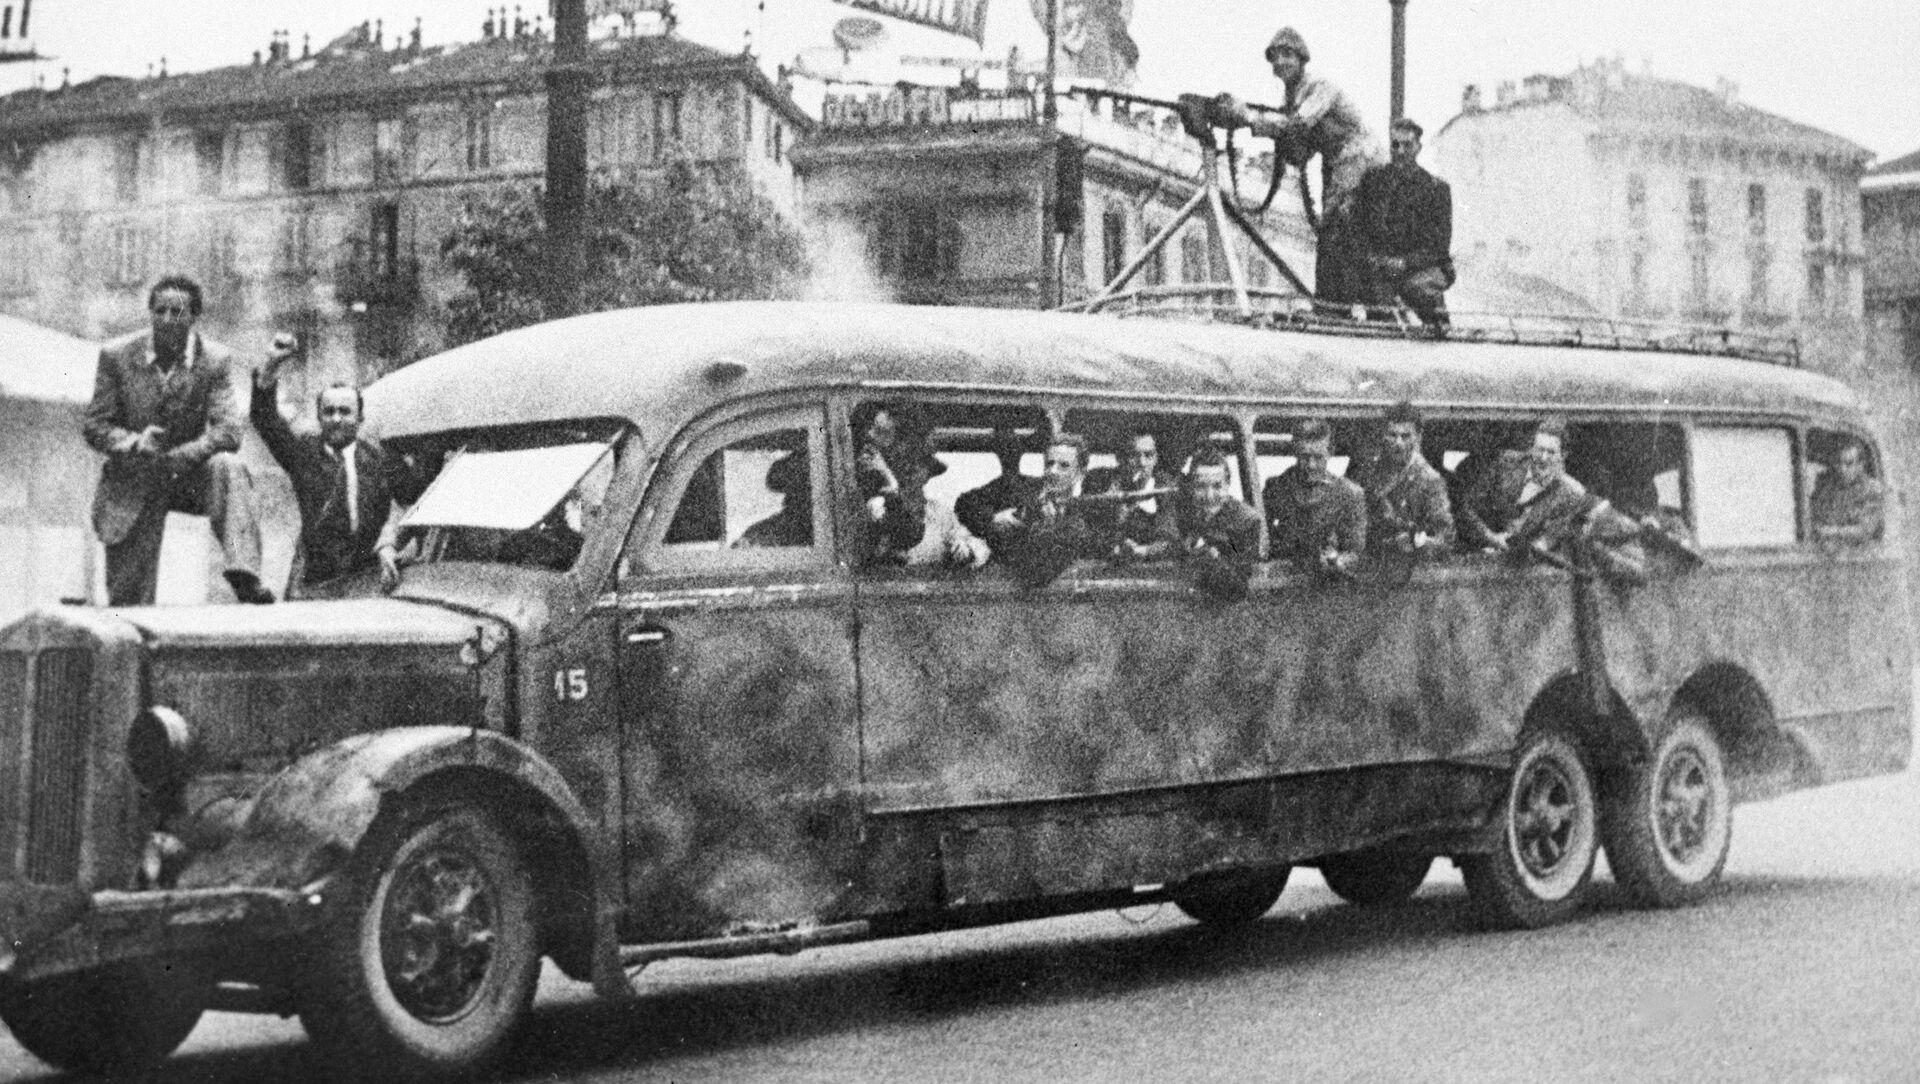 Germania, morti gli ultimi due nazisti condannati all'ergastolo per gli eccidi di italiani - Sputnik Italia, 1920, 28.02.2021